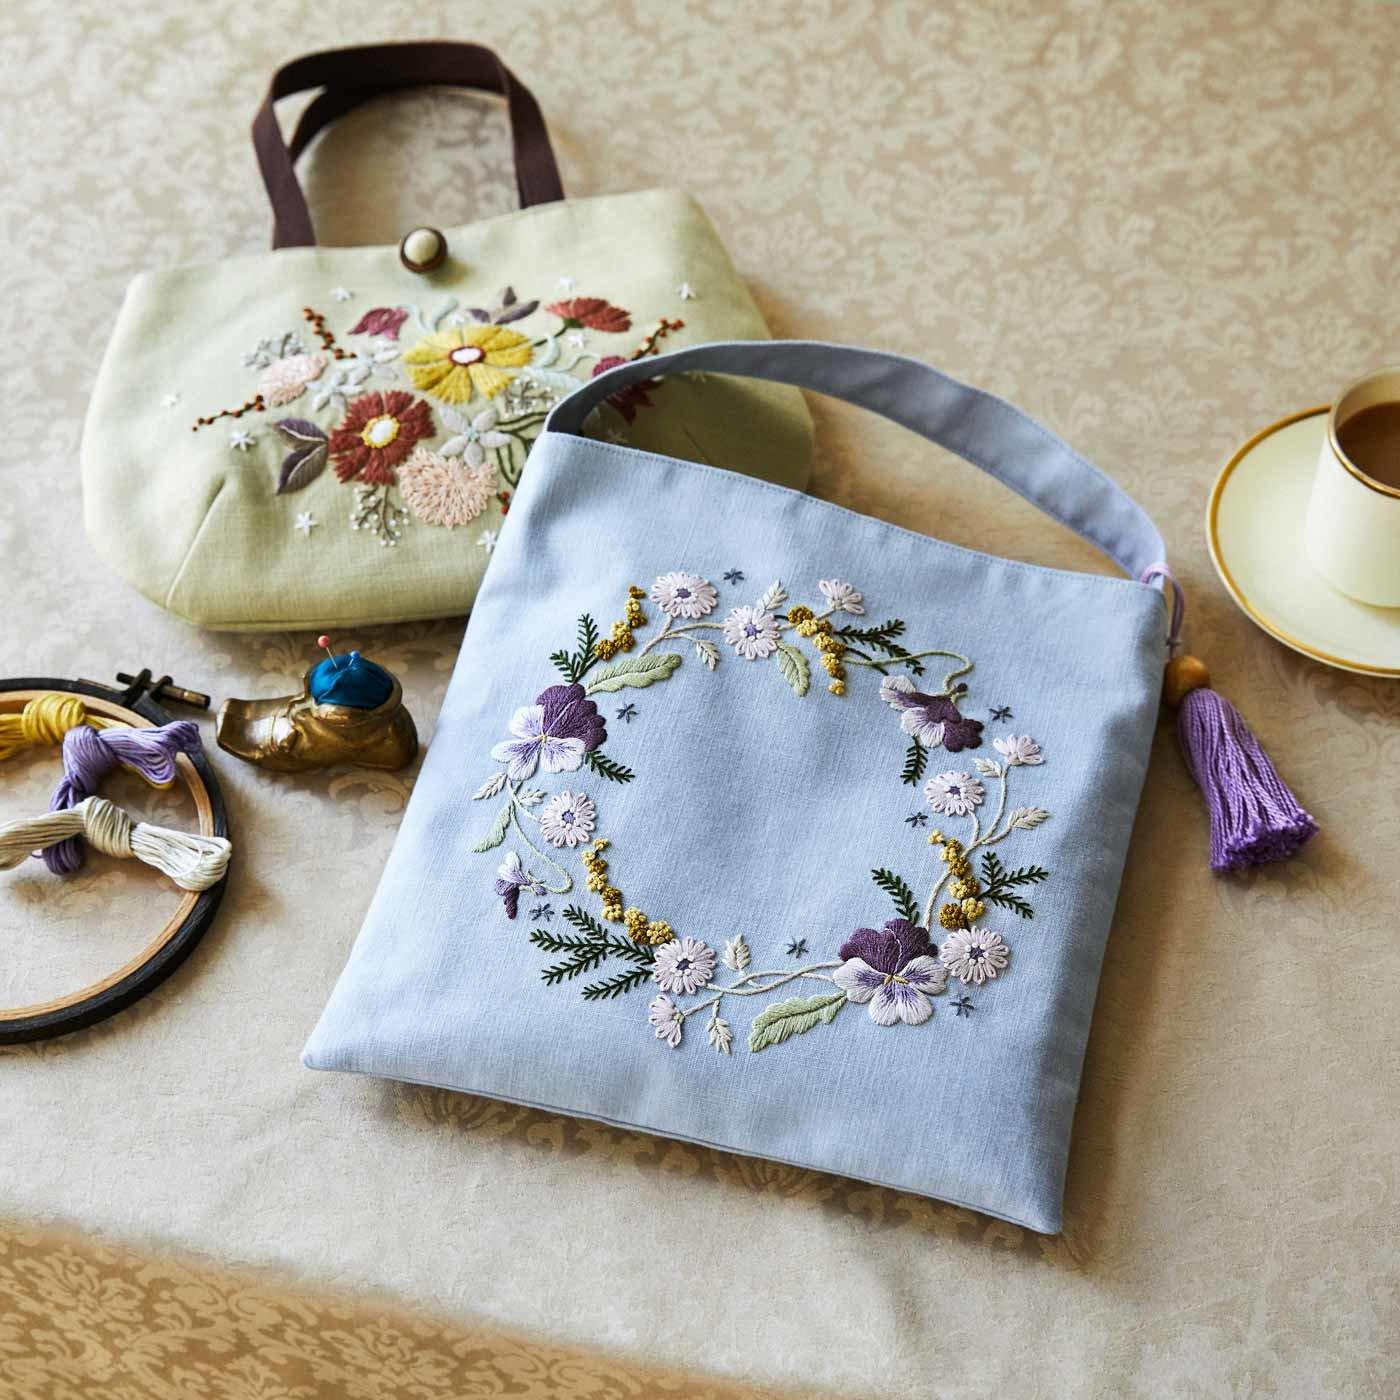 可憐な花々を集めて ふだん着に華やぎを添える 蓬萊 和歌子さんの刺しゅうバッグの会